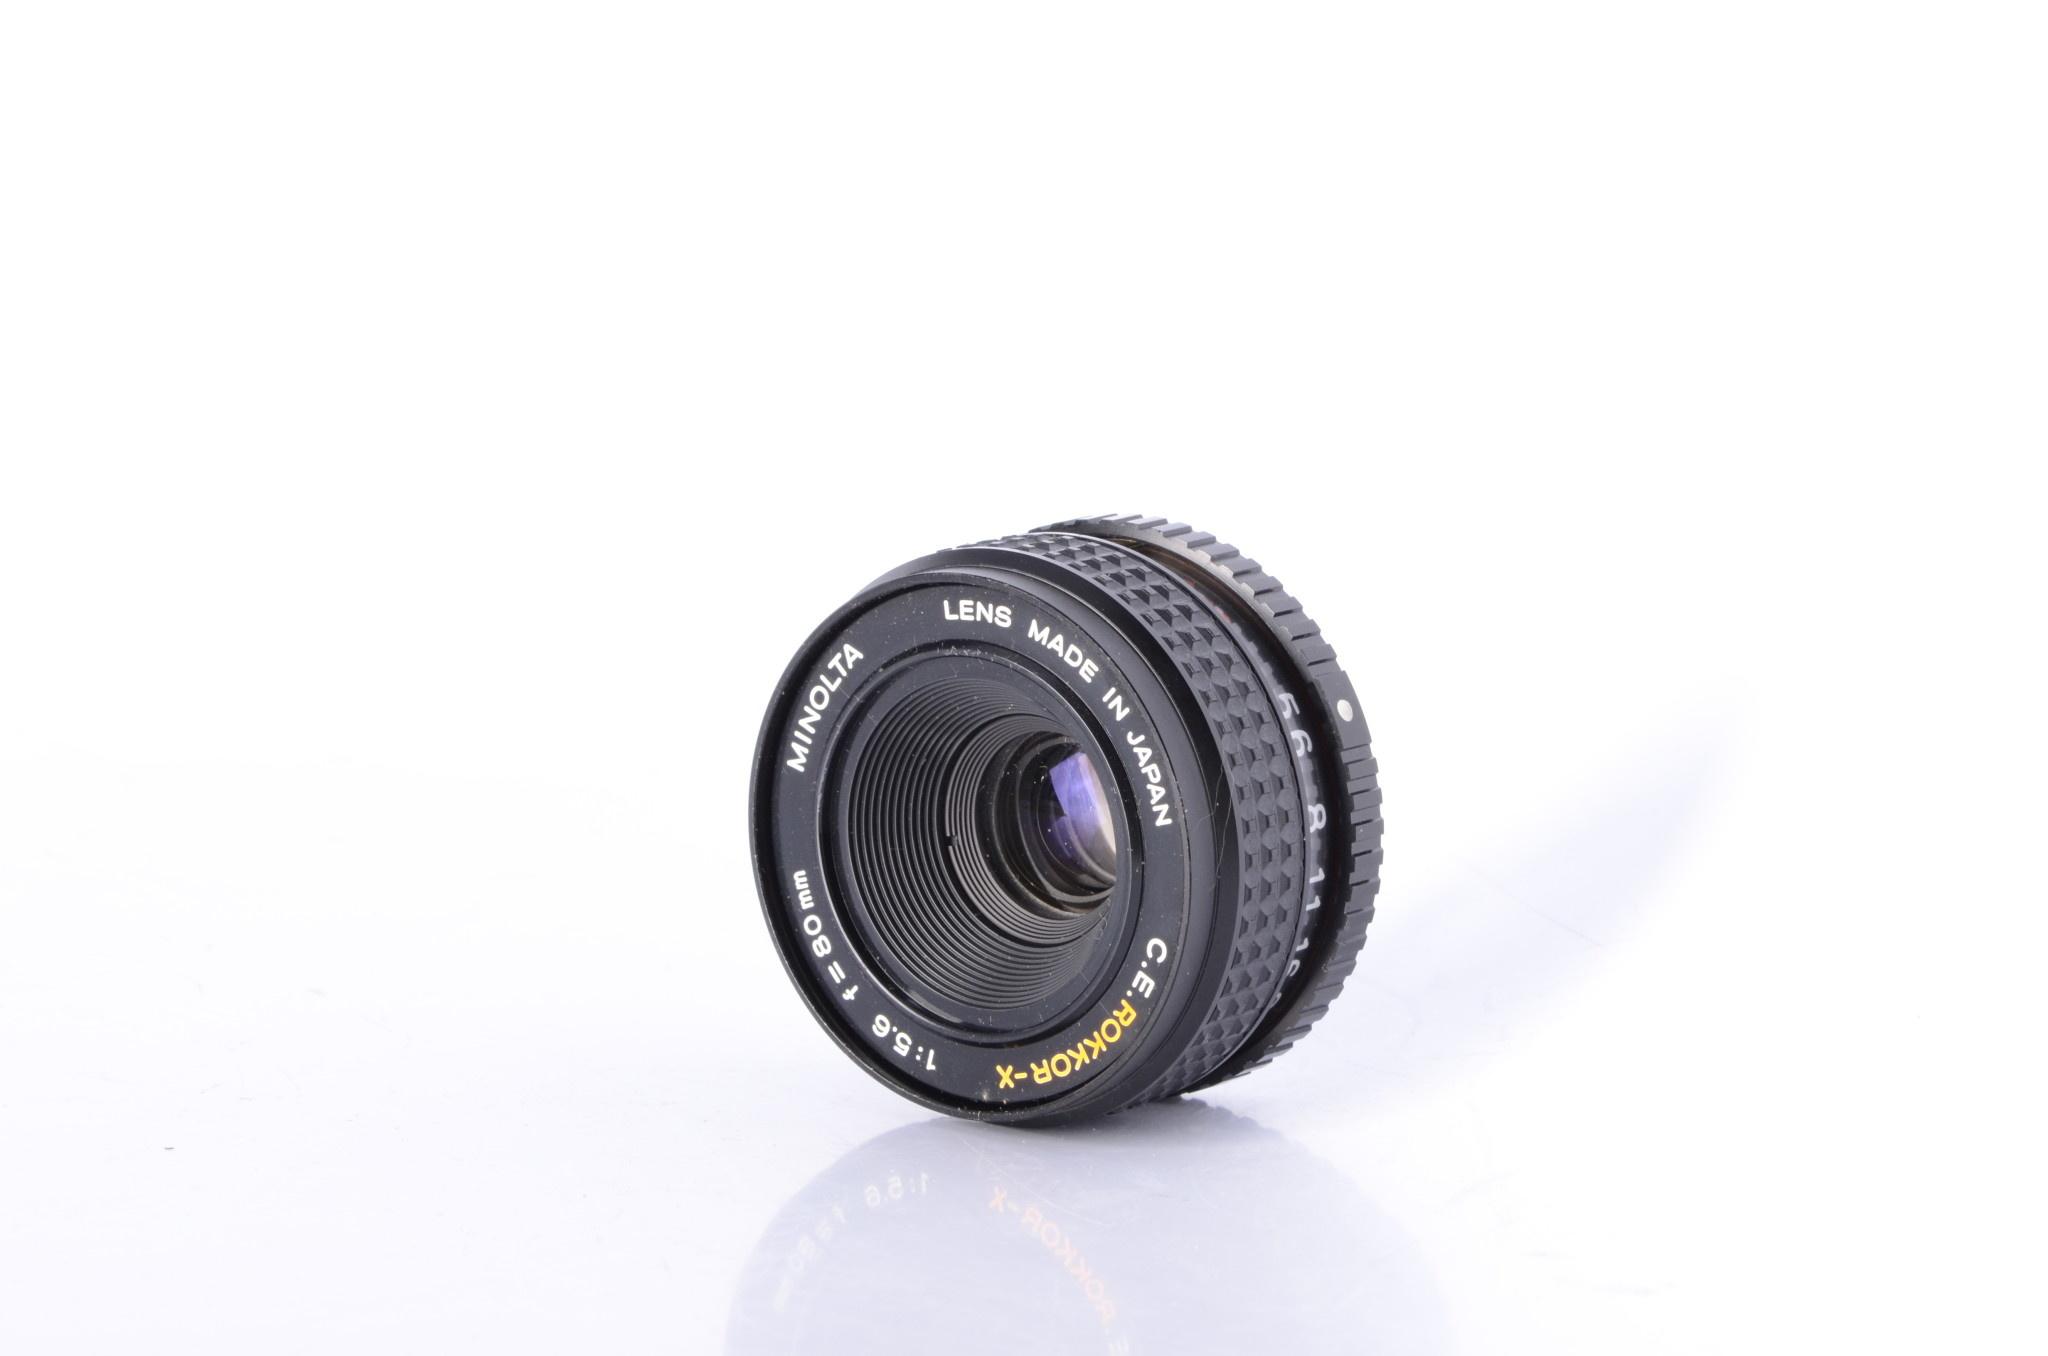 Minolta Minolta CE Rokkor X 80mm f/5.6 Enlarger Lens SN: